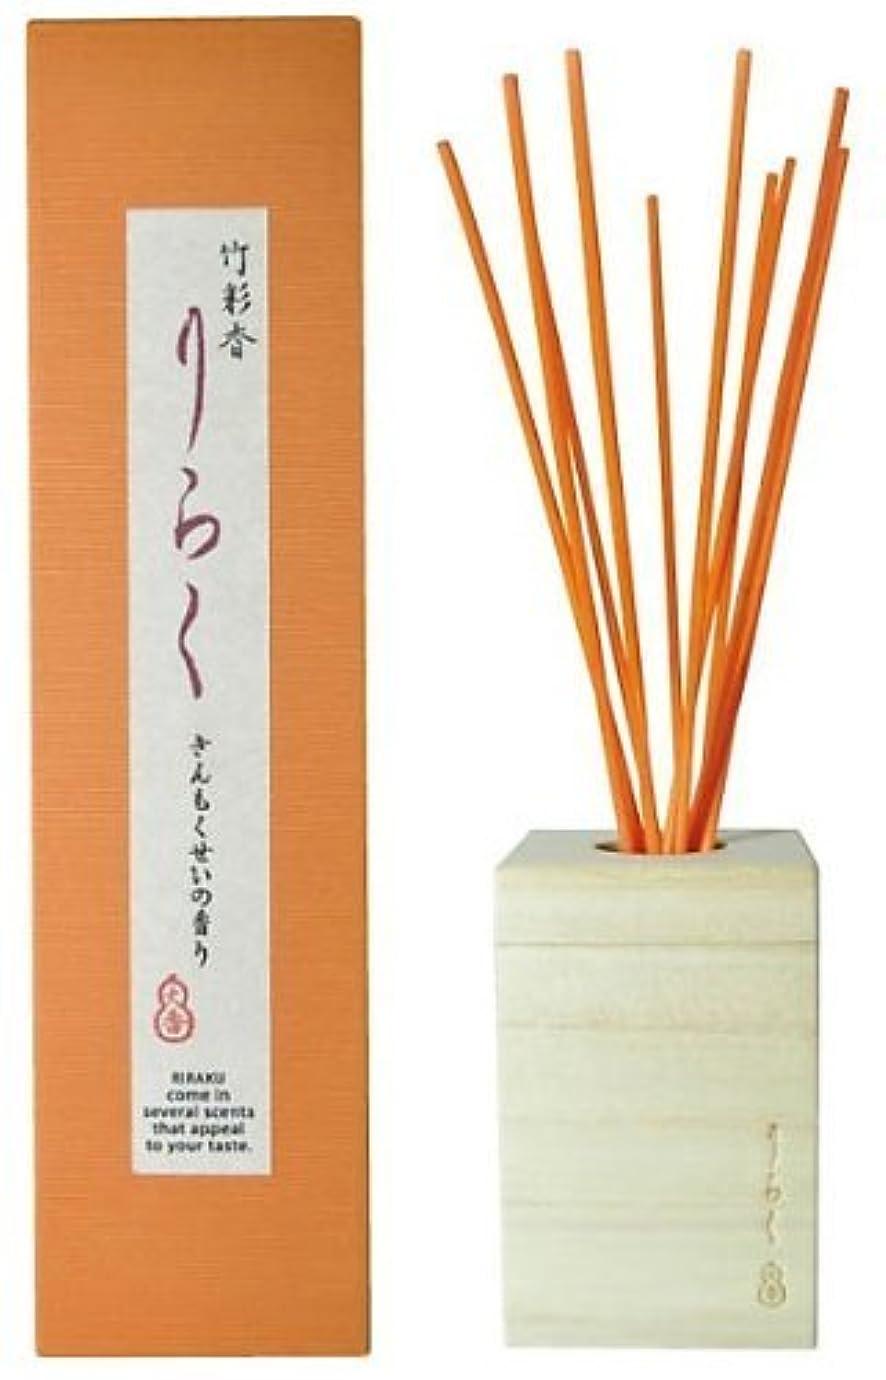 コンチネンタルコマース着飾る竹彩香りらくきんもくせい 50ml